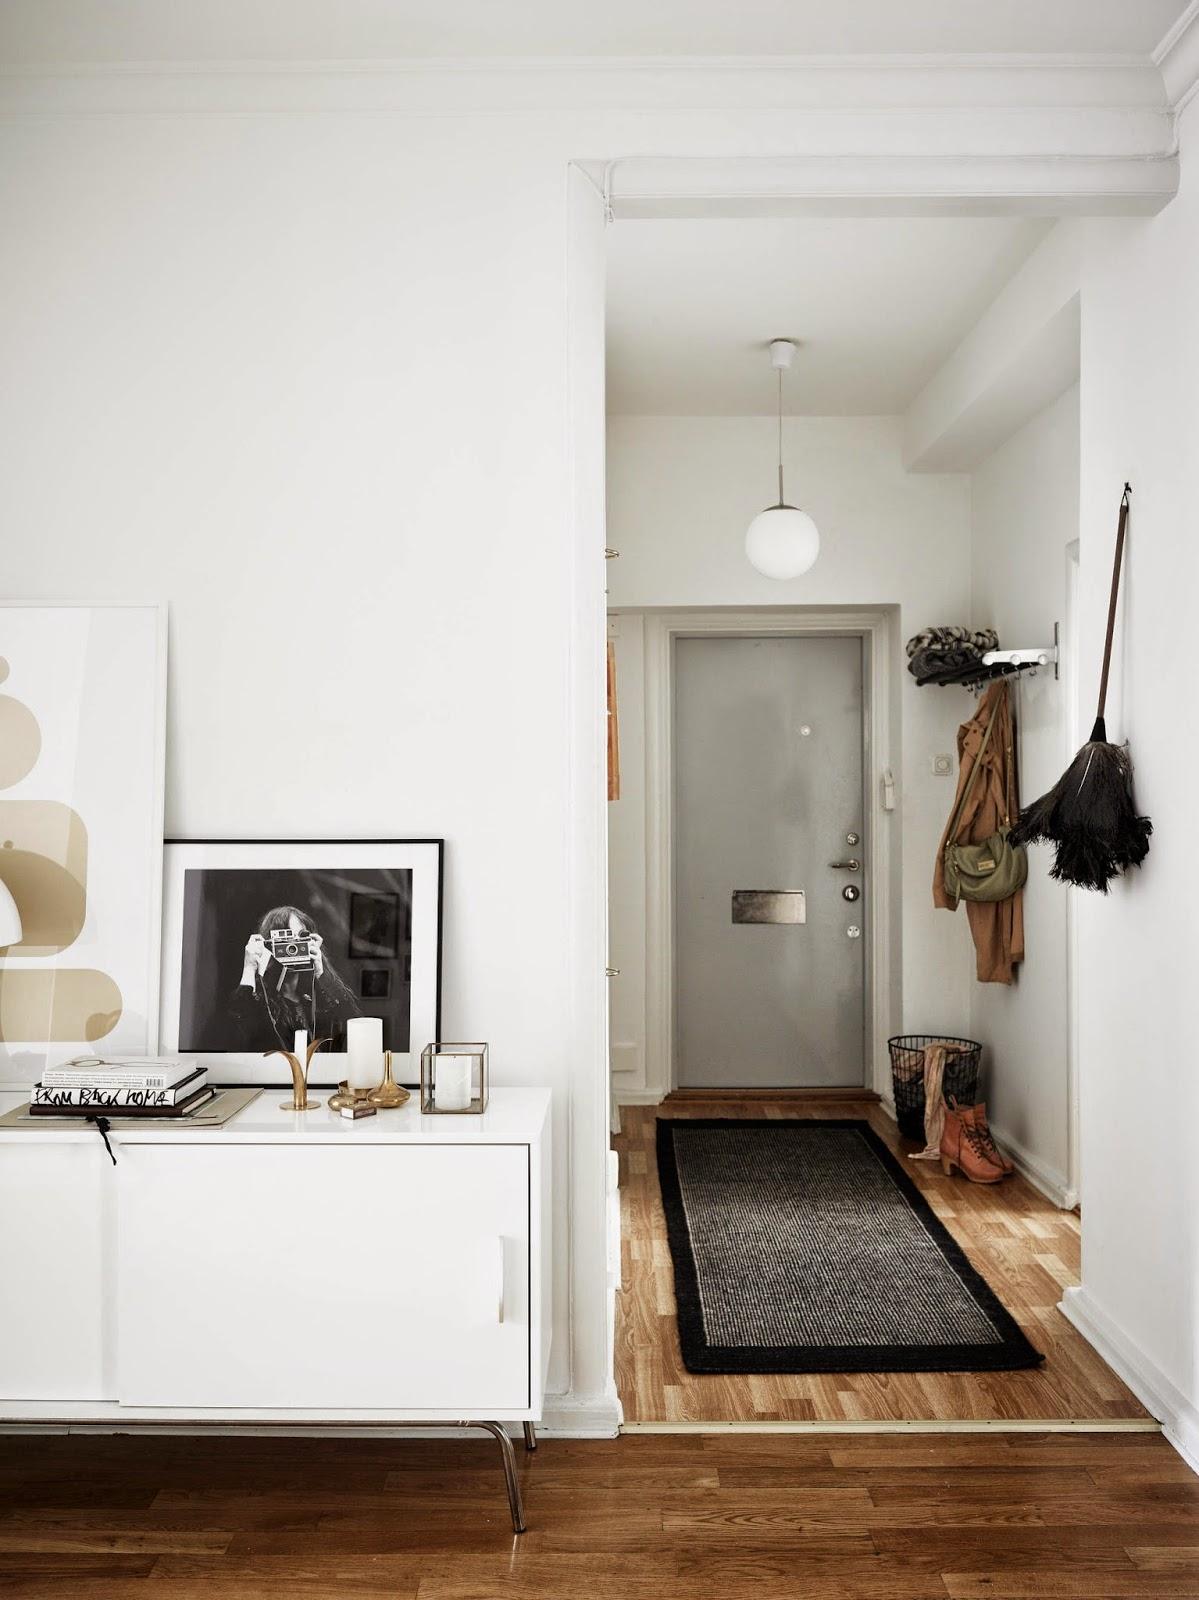 Apartamento funcional decorado con estilo n rdico for Idee ingresso casa moderna